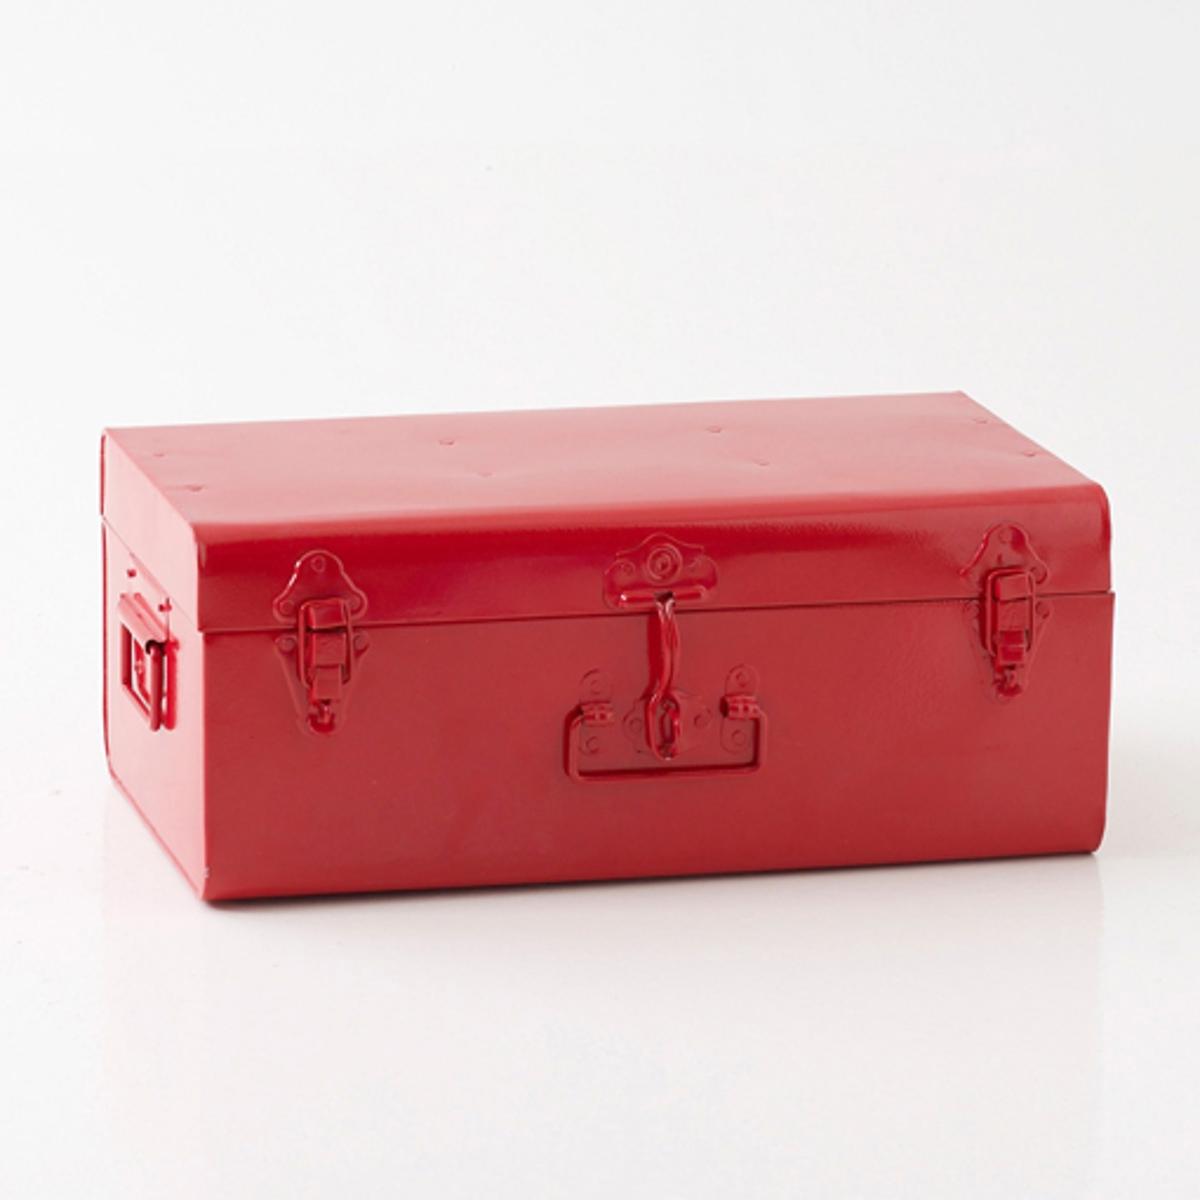 Сундук-чемодан из металла, MasaПрактичный, яркий сундук-чемодан из металла Masa объединяет эпохи и очень актуален сегодня  !Описание сундука-чемодана Masa  :3 ручки по бокам : боковая + 1 спереди . 2 застежки-защелки и 1 застежка с запорным устройством по центру . Характеристики сундука-чемодана Masa :Из металла, покрытого яркой эпоксидной краской сверху . Найдите другие модели коллекции Masa на нашем сайте .Размеры сундука-чемодана Masa :Ширина : 49 см Высота : 19 см.Глубина : 30 смРазмеры с упаковкой :1 упаковка56 x 28 x 35 см .<br><br>Цвет: серый,черный